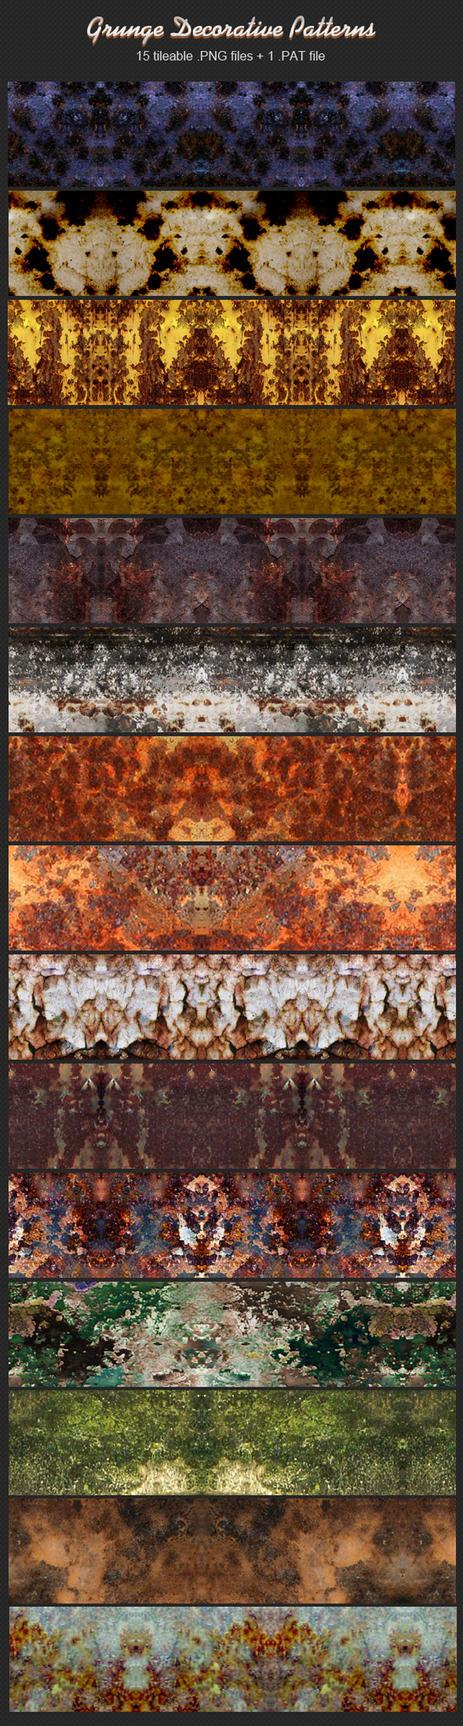 Grunge Decorative Patterns by xara24